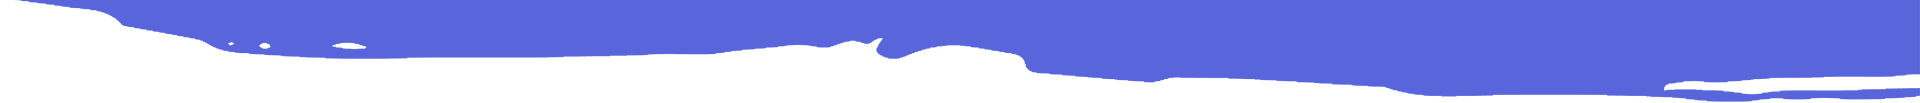 sep-blue-bottom